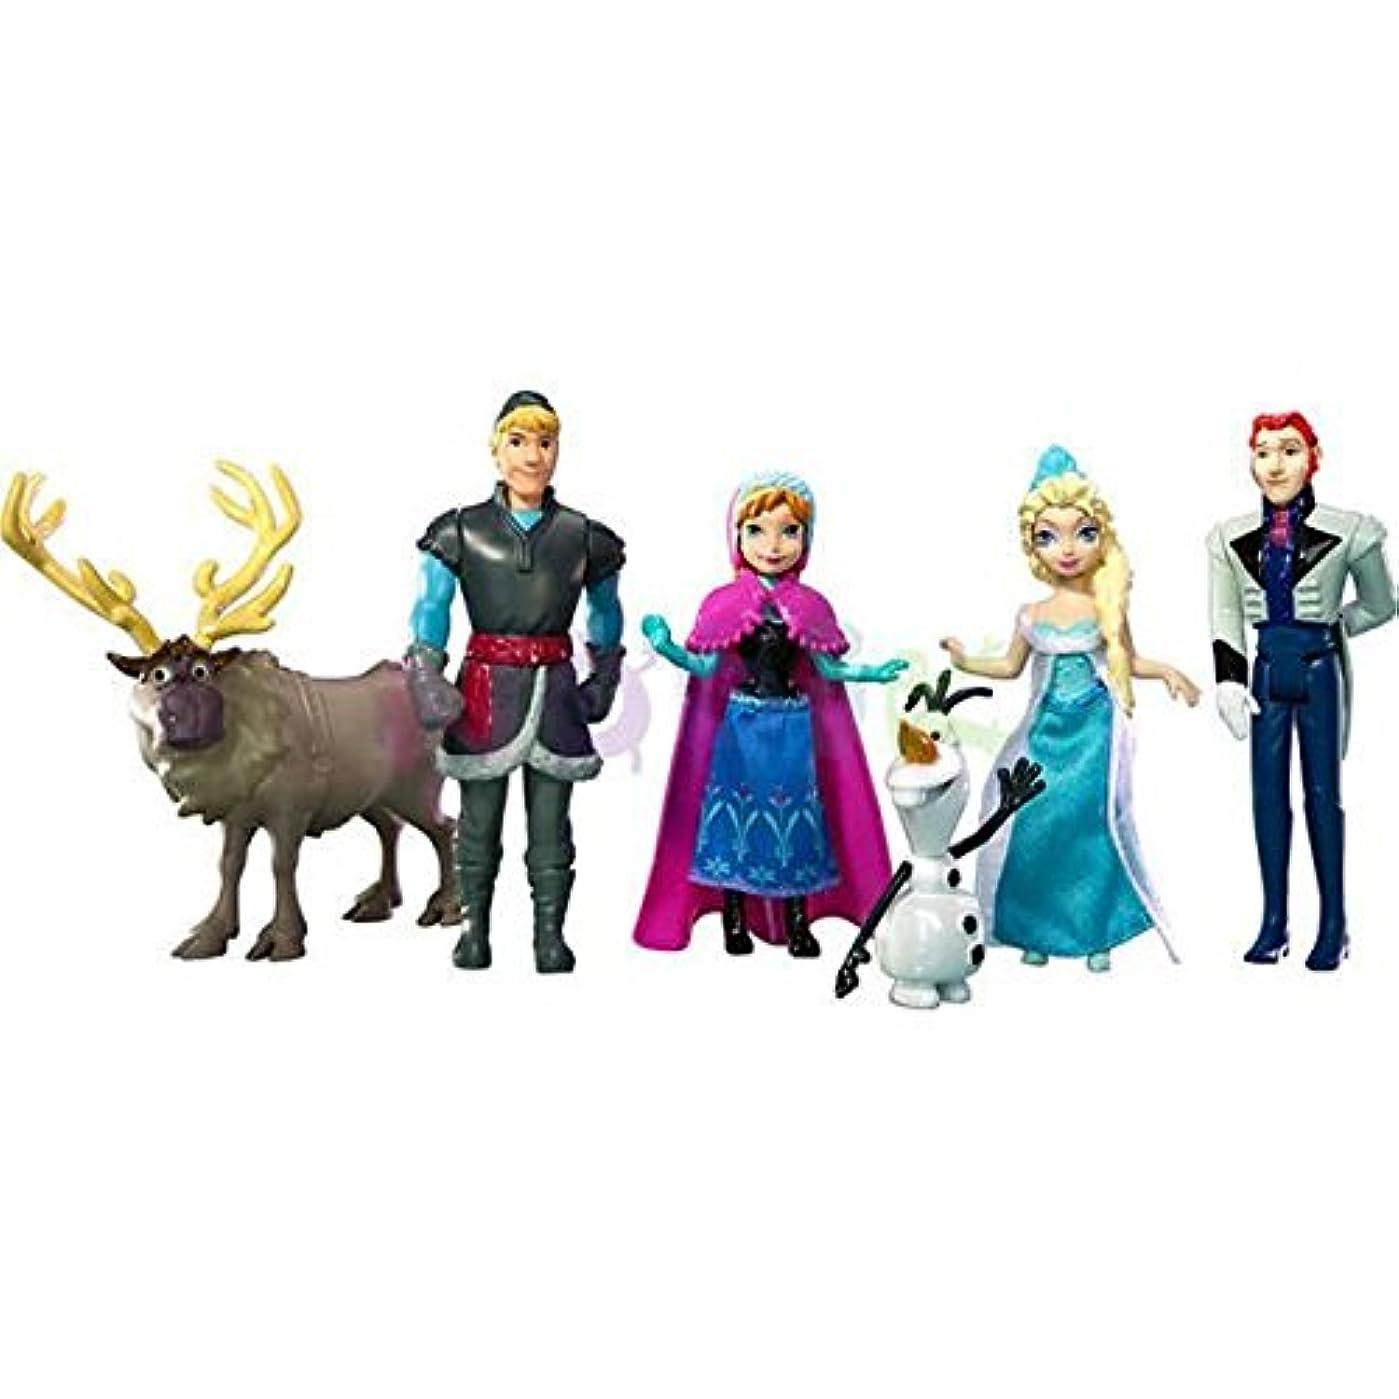 信頼性のある支払い刻むディズニープリンセス アナと雪の女王 おはなしデラックスセット (Y9980)